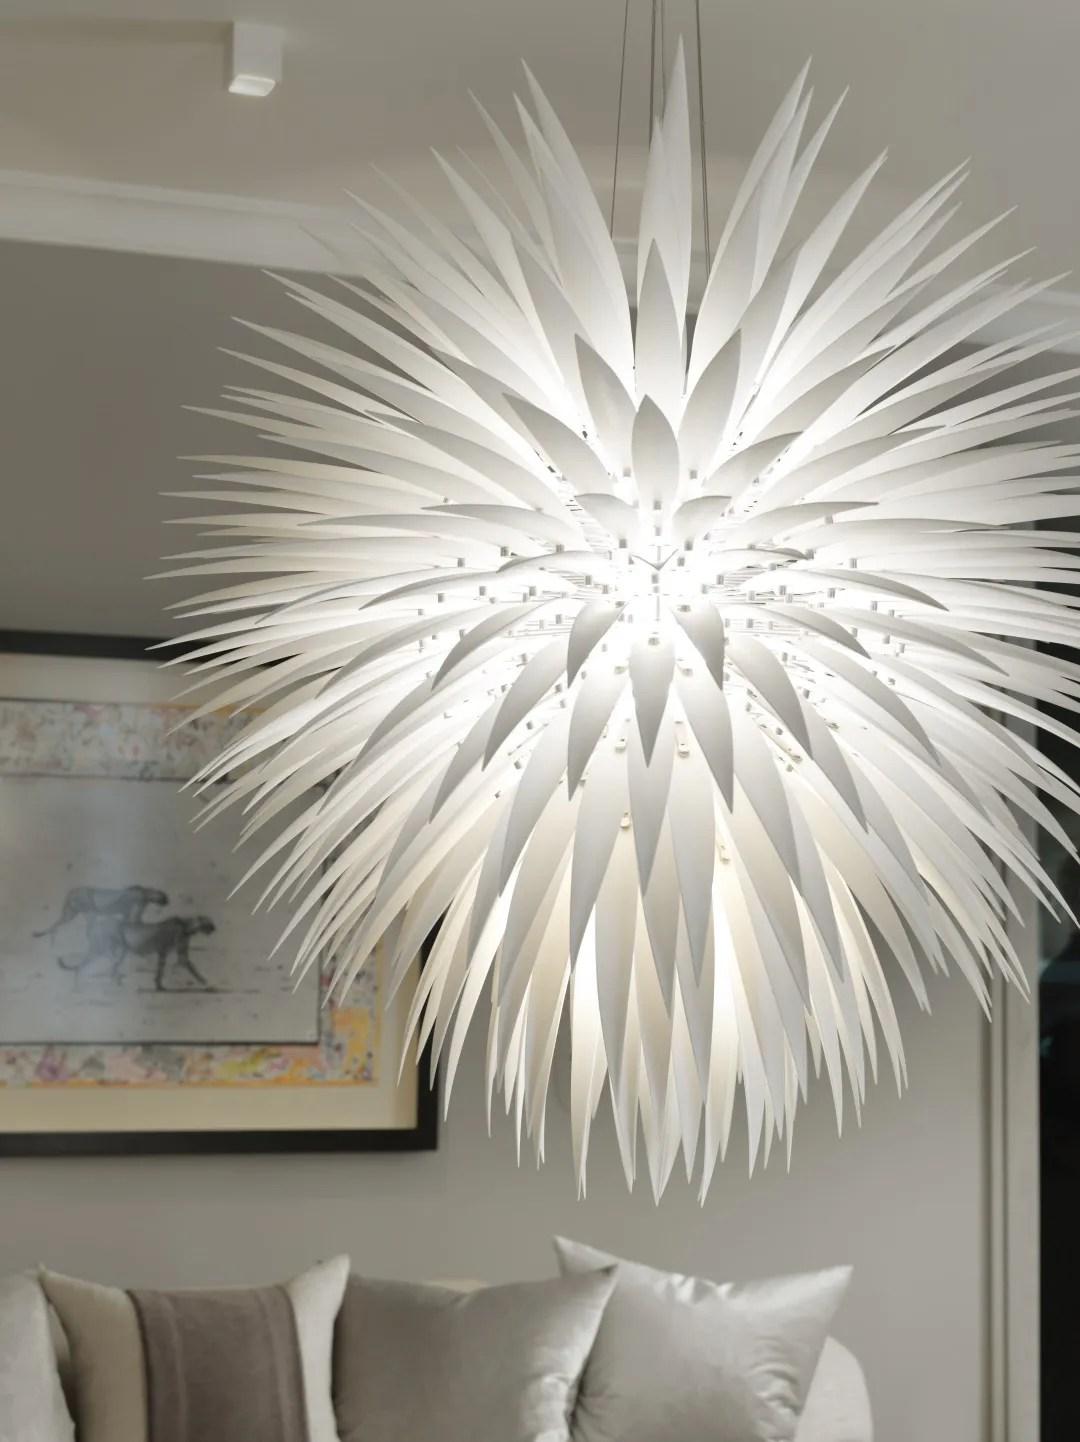 Flora inspired lights by Jeremy Cole